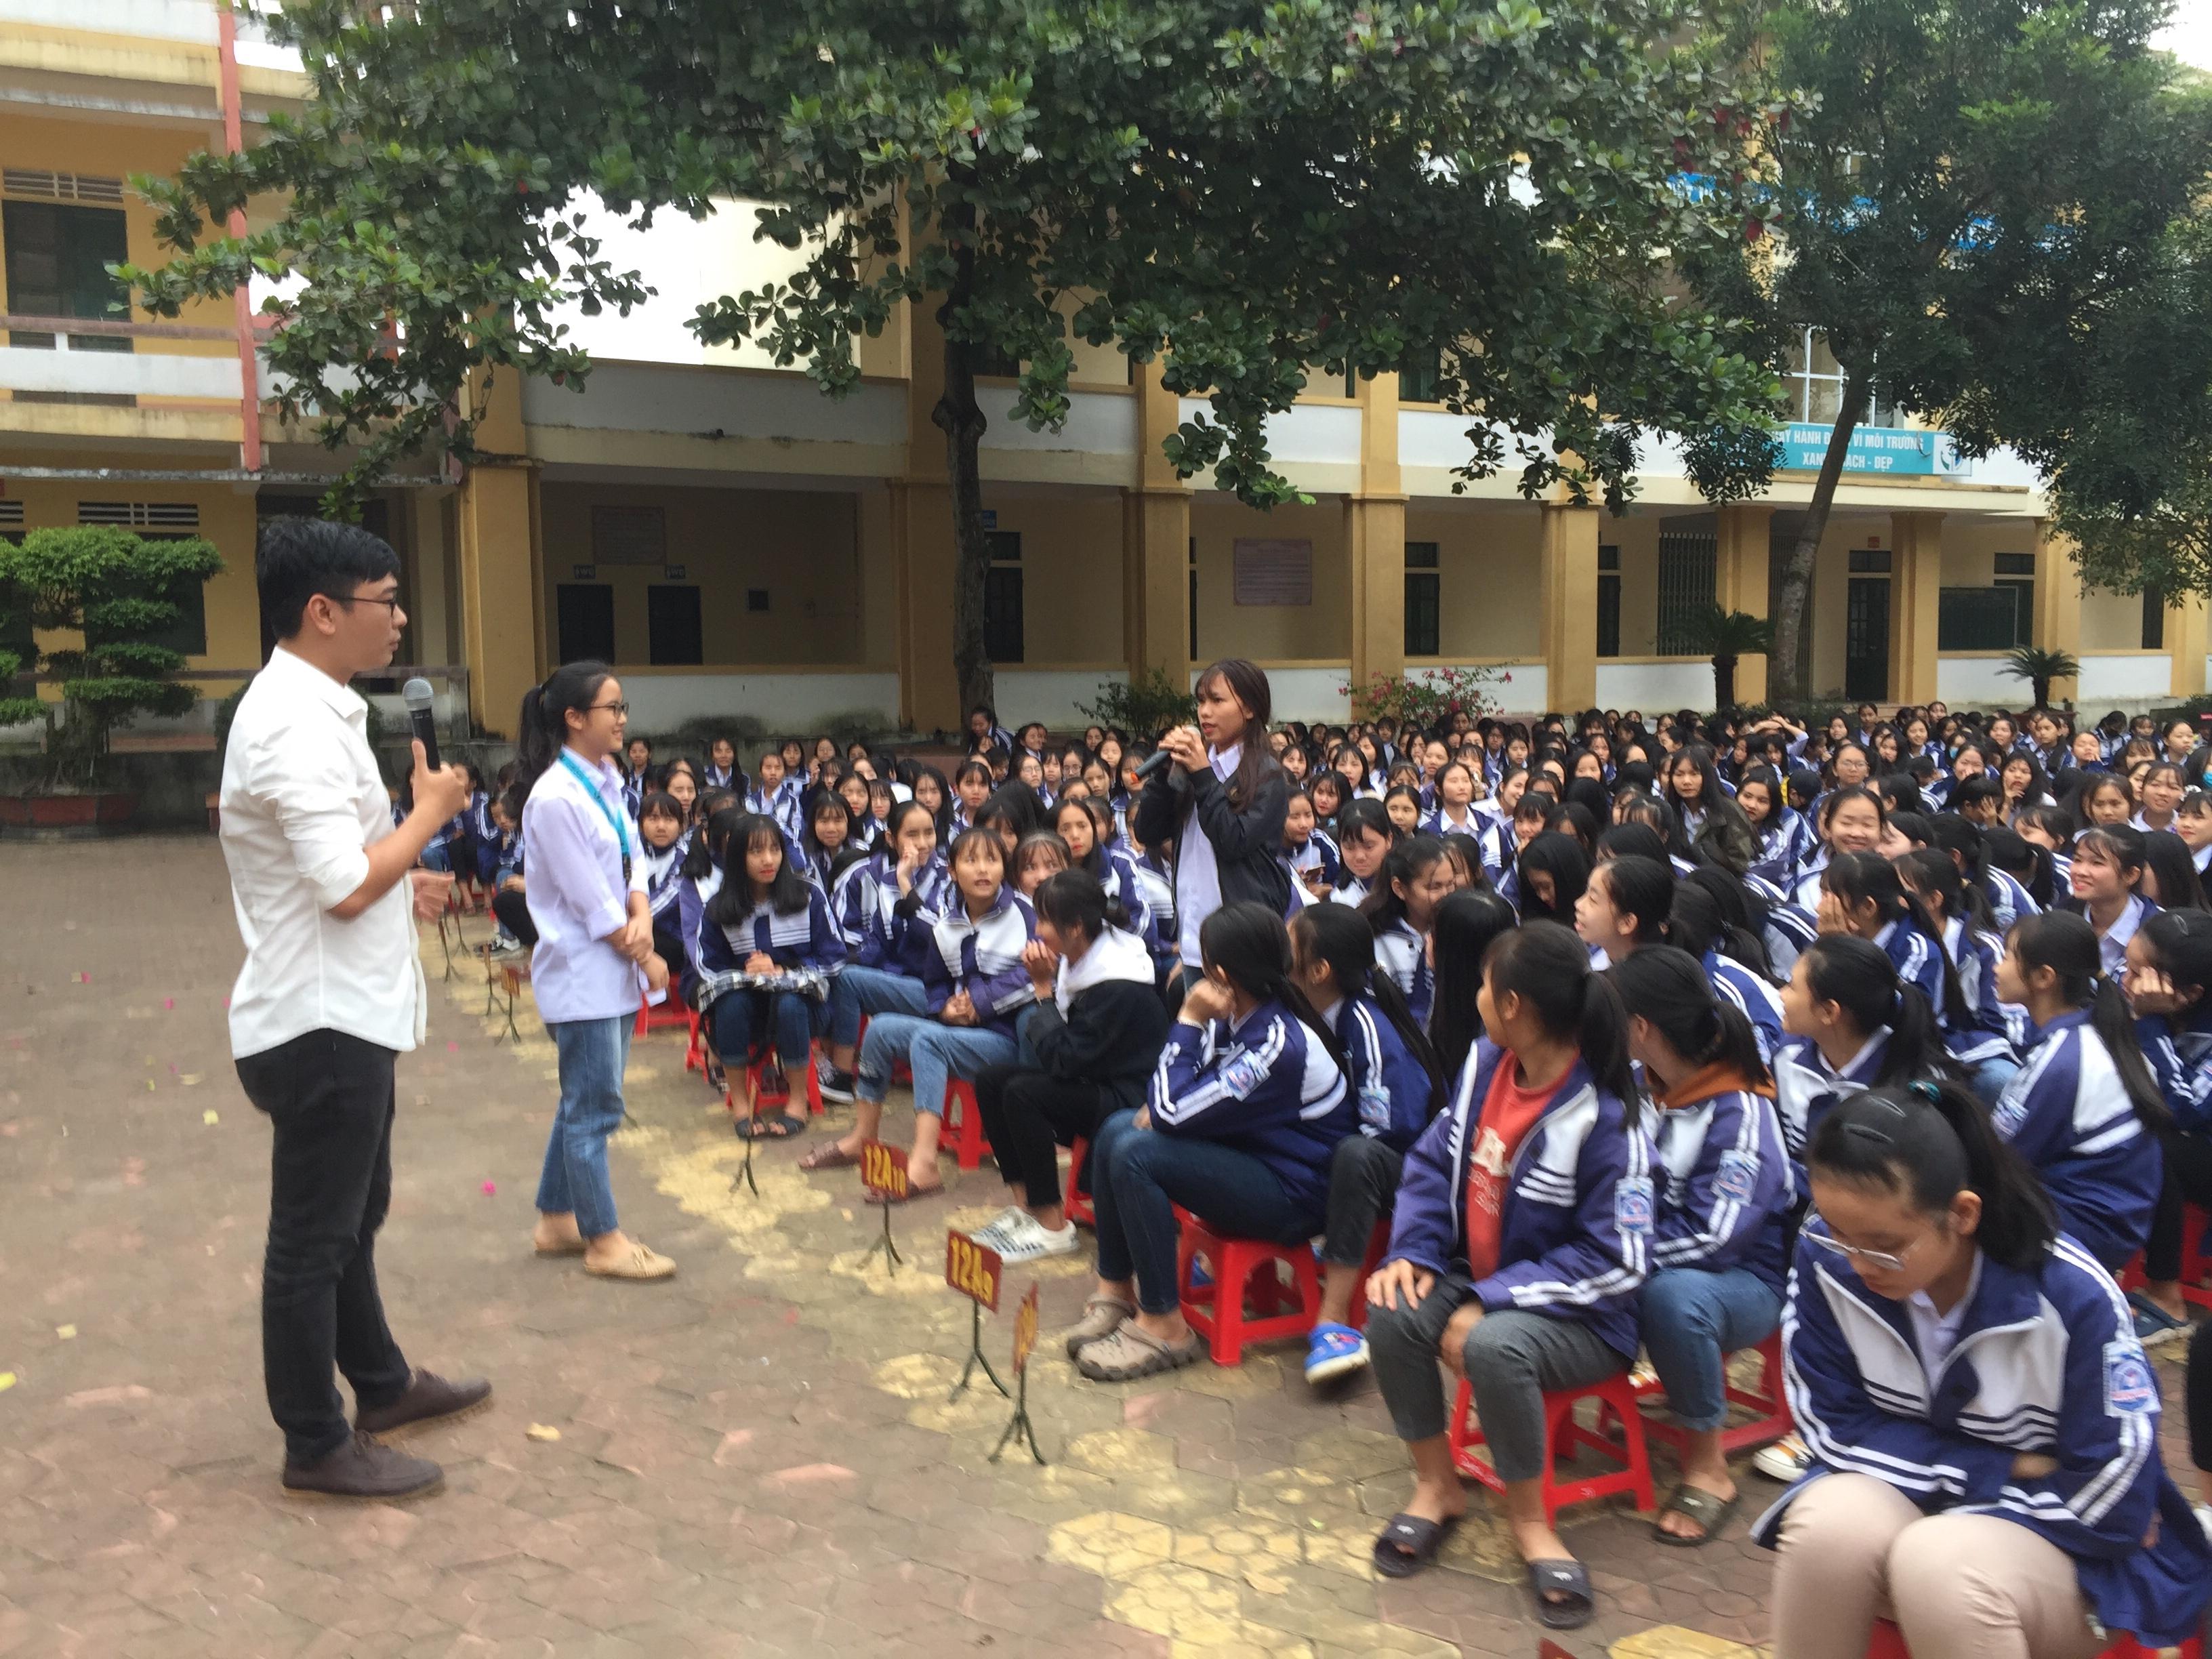 Trên 1.000 em học sinh Trường THPT Hương Khê được giao lưu, đối thoại về chủ đề sức khoẻ sinh sản vị thành niên